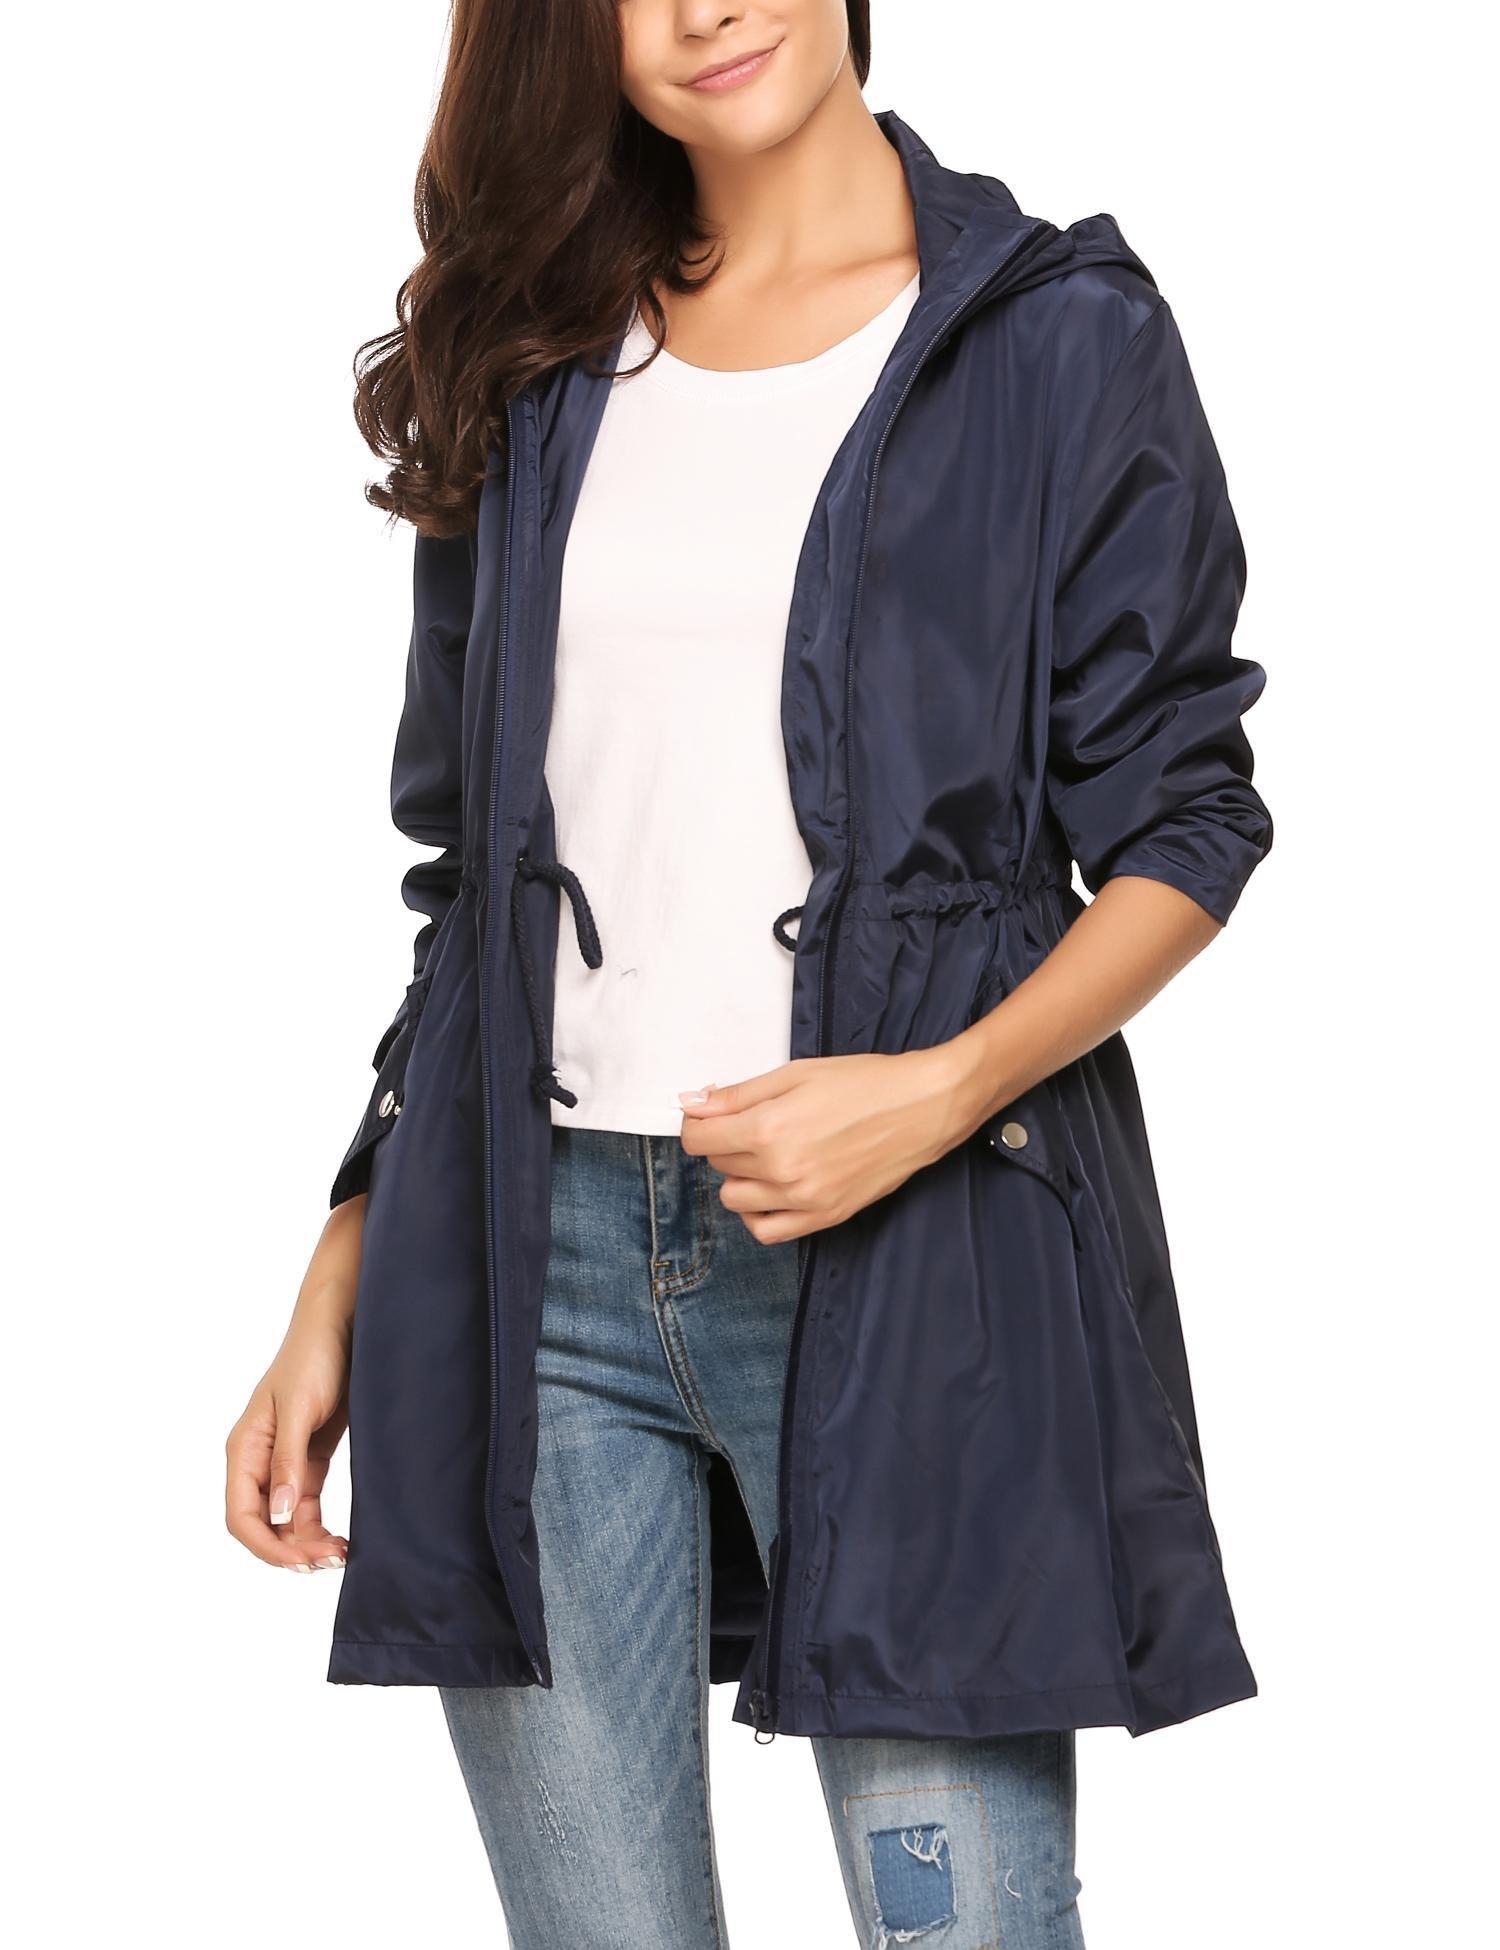 Dethler Women Raincoat Waterproof Windproof Lightweight Outdoor Jacket Zip-up Drawstring Hooded